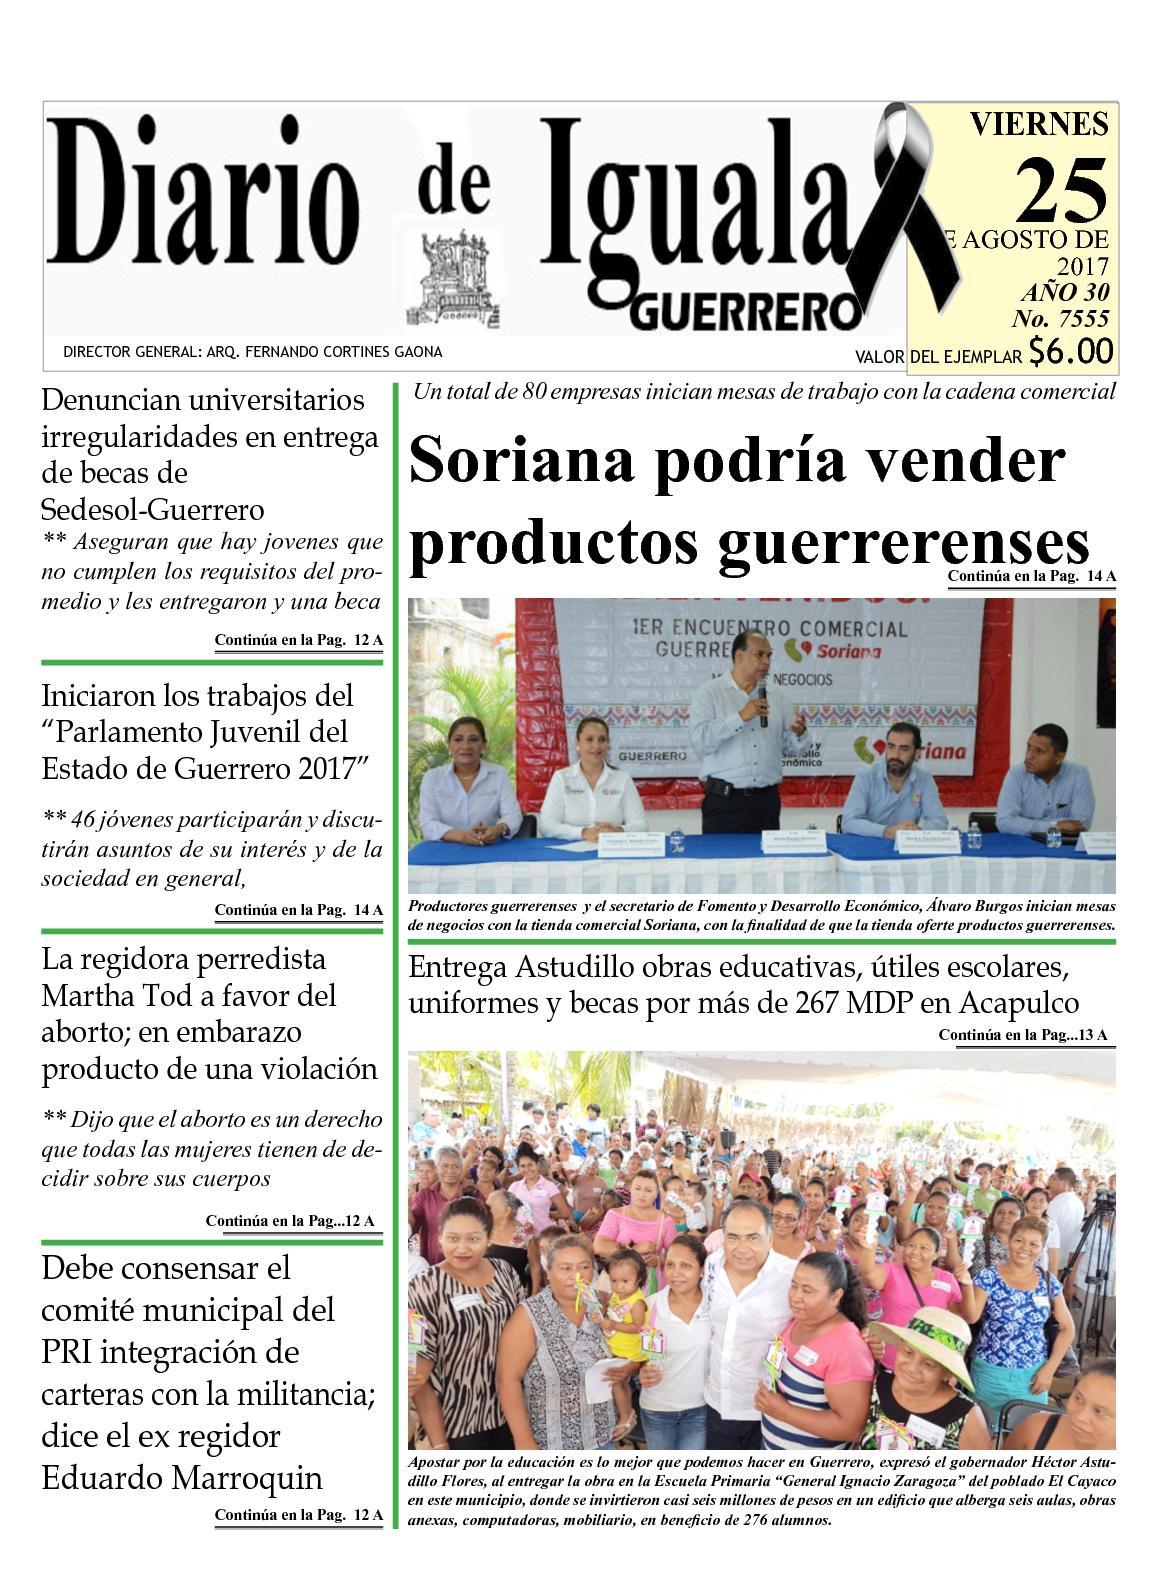 Diario De Iguala Viernes 25 De Agosto De 2017